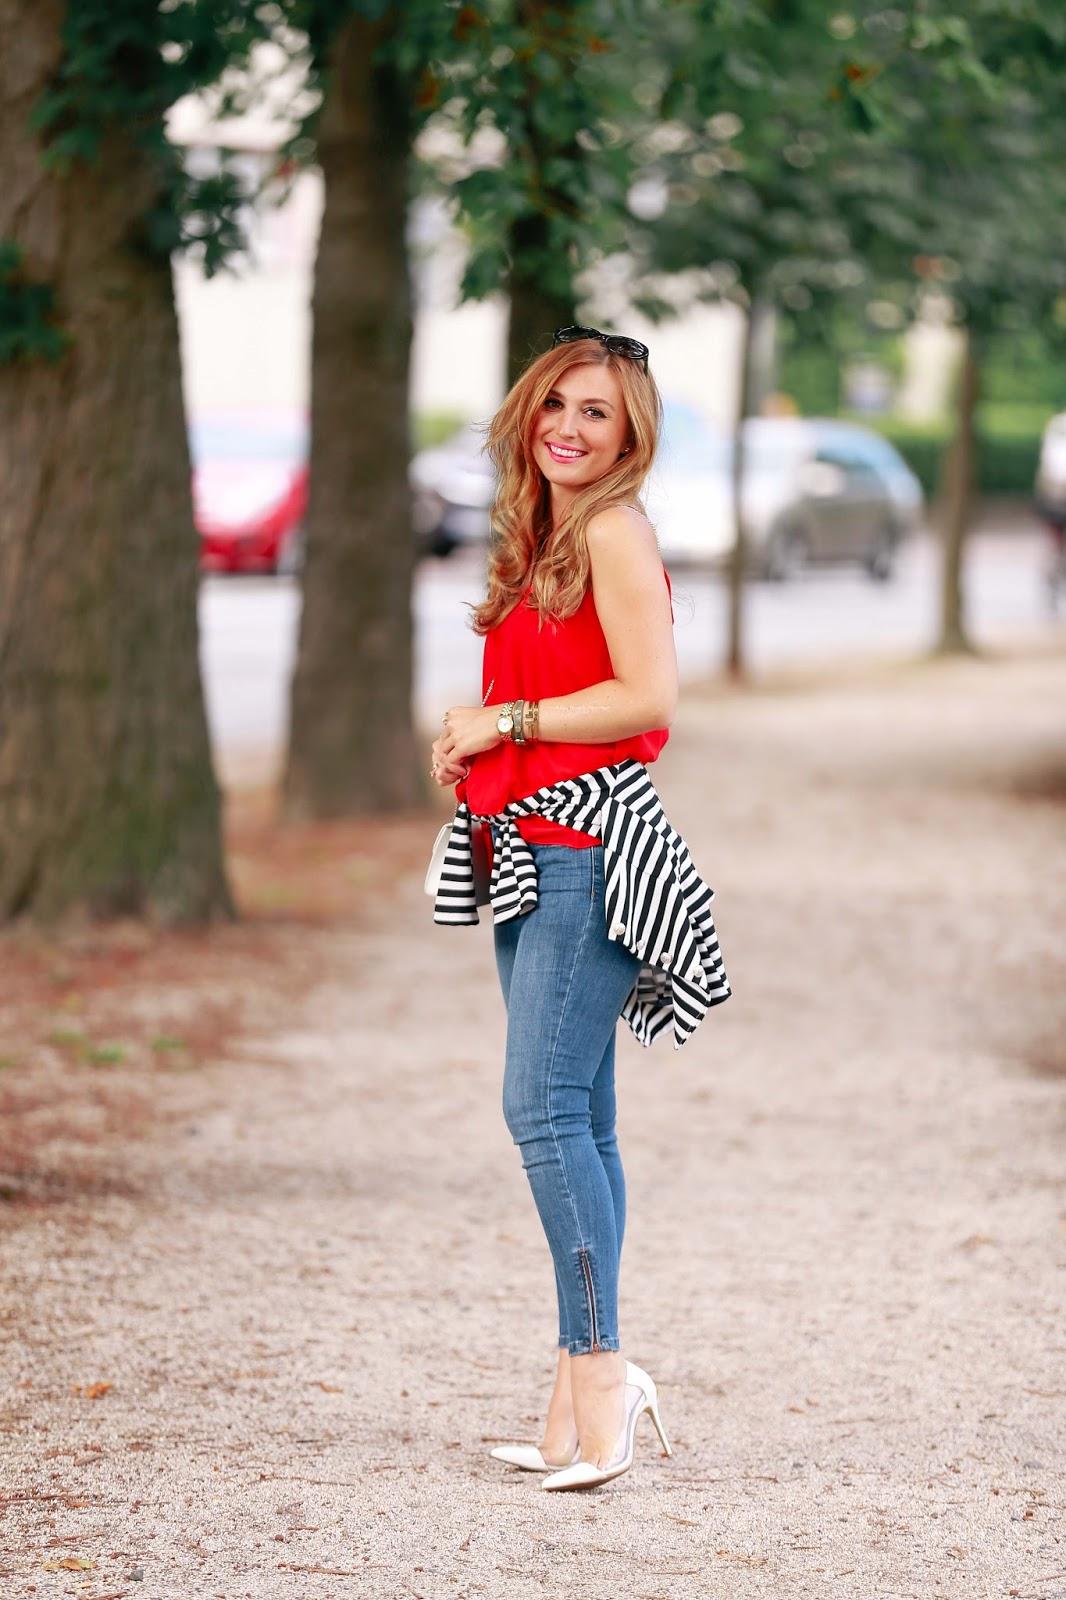 fashionstylebyjohanna-Gestreifter-Blazer-gestreifte-Jacke-bloggerstyle-fashionstylebyjohanna